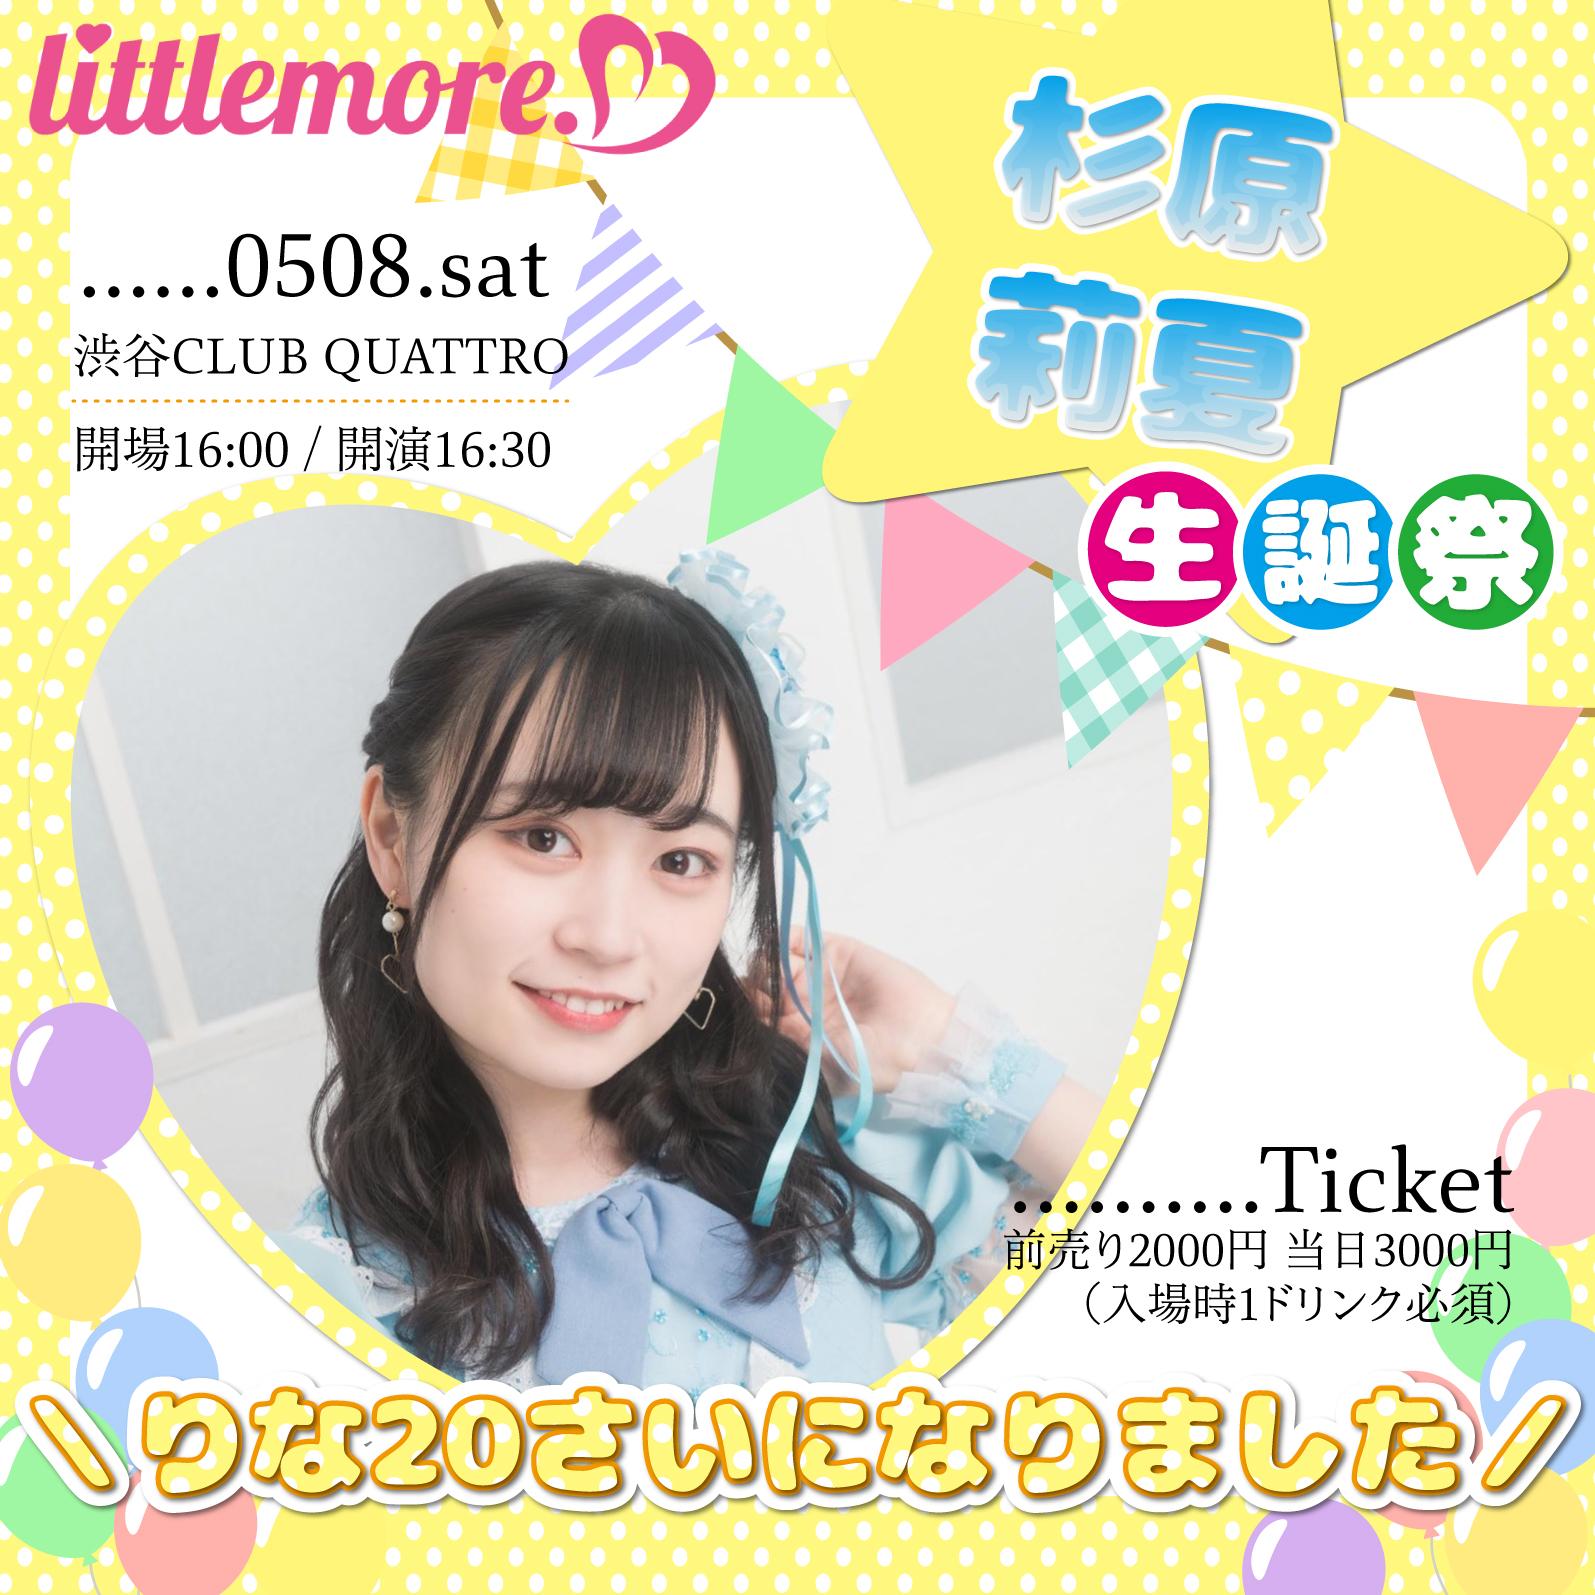 5/8(土) littlemore. 杉原莉夏生誕祭 ~りな20さいになりました☻~